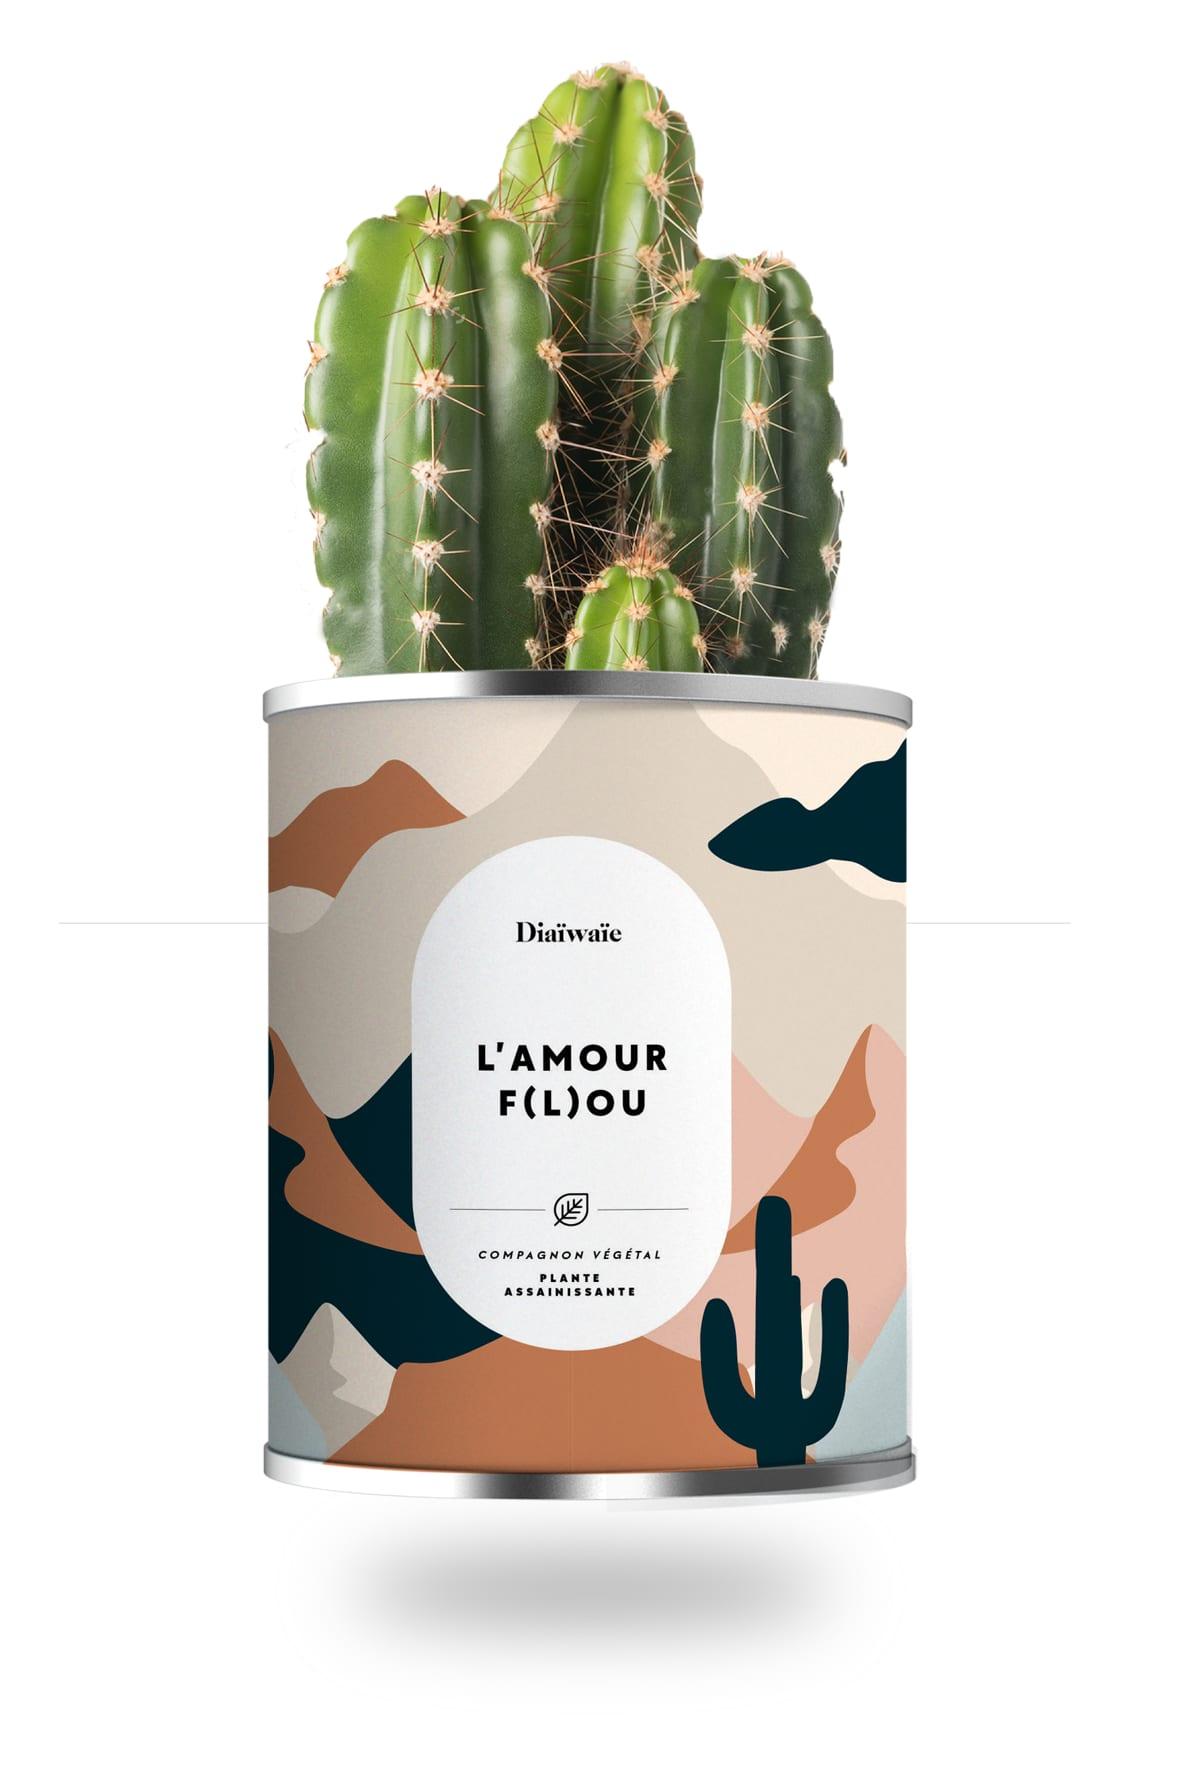 Cactus ou plante pot grand modèle l'amour f(l)ou